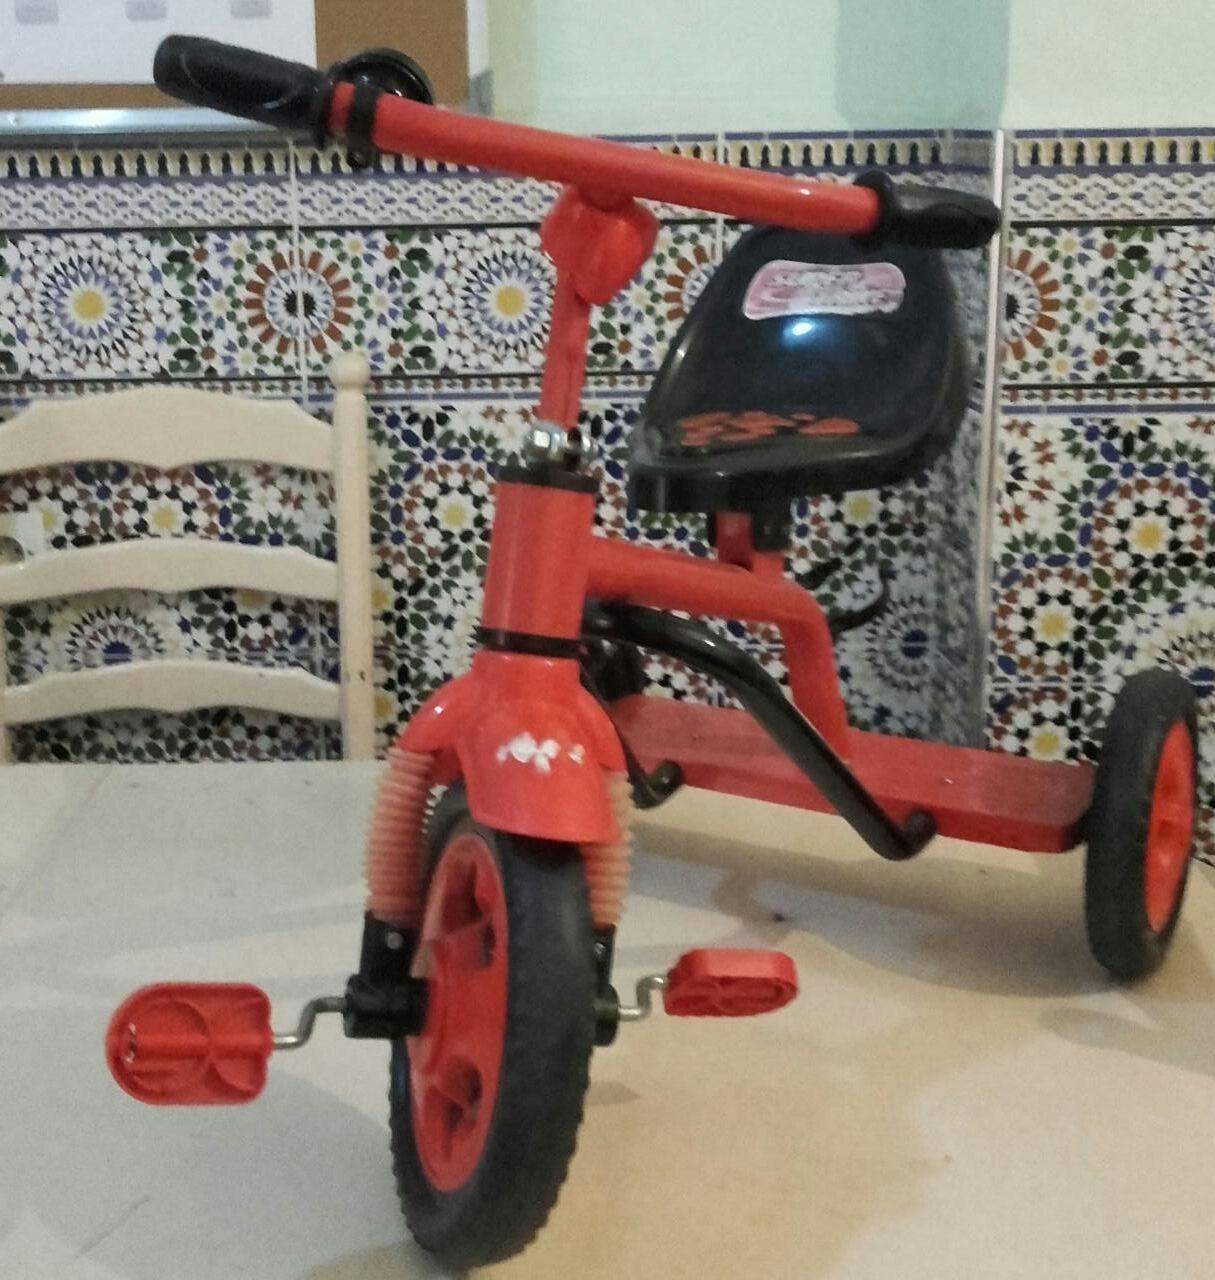 هبة عبارة عن دراجة هوائية